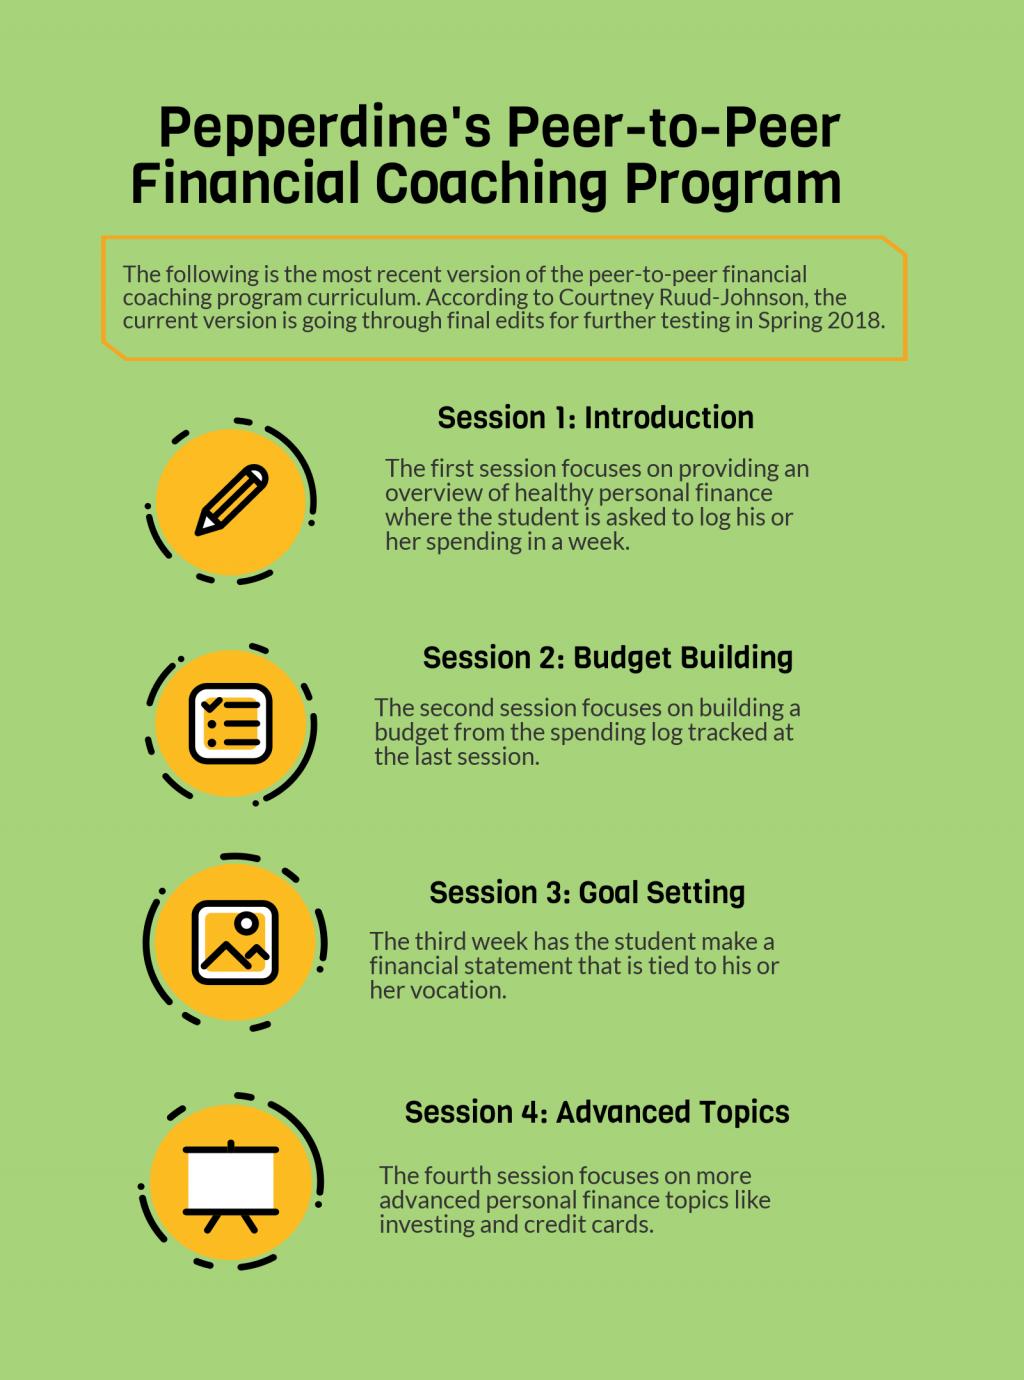 financial-coach_26669486 (1).png